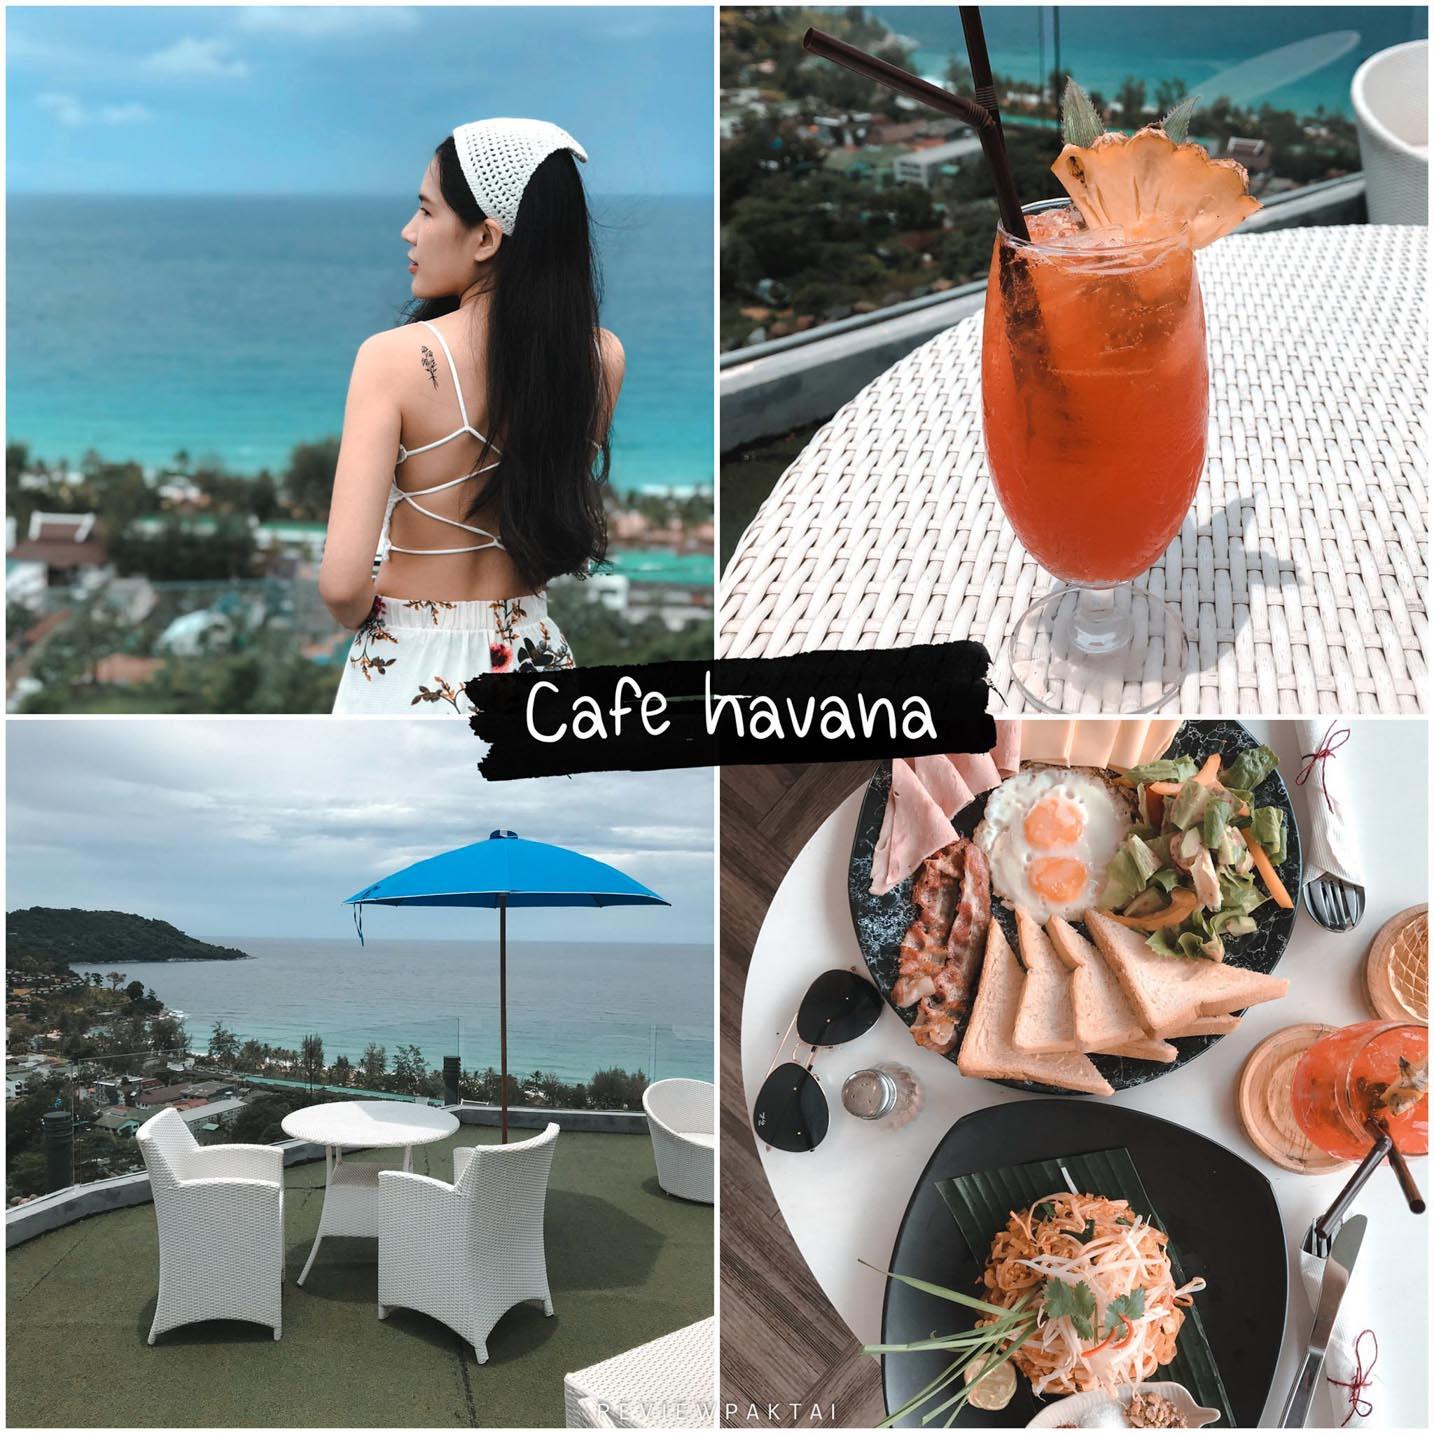 ปักหมุดเช็คอินกันกับ ร้าน Cafe Havana ราคาหลักร้อยวิวหลักล้าน ตกแต่งสไตล์แบบโมเดิร์น บรรยากาศร้านโล่งเย็นสบาย คลิกที่นี่ภูเก็ต,ที่พัก,โรงแรม,รีสอร์ท,สถานที่ท่องเที่ยว,ของกิน,จุดเช็คอิน,ที่เที่ยว,จุดถ่ายรูป